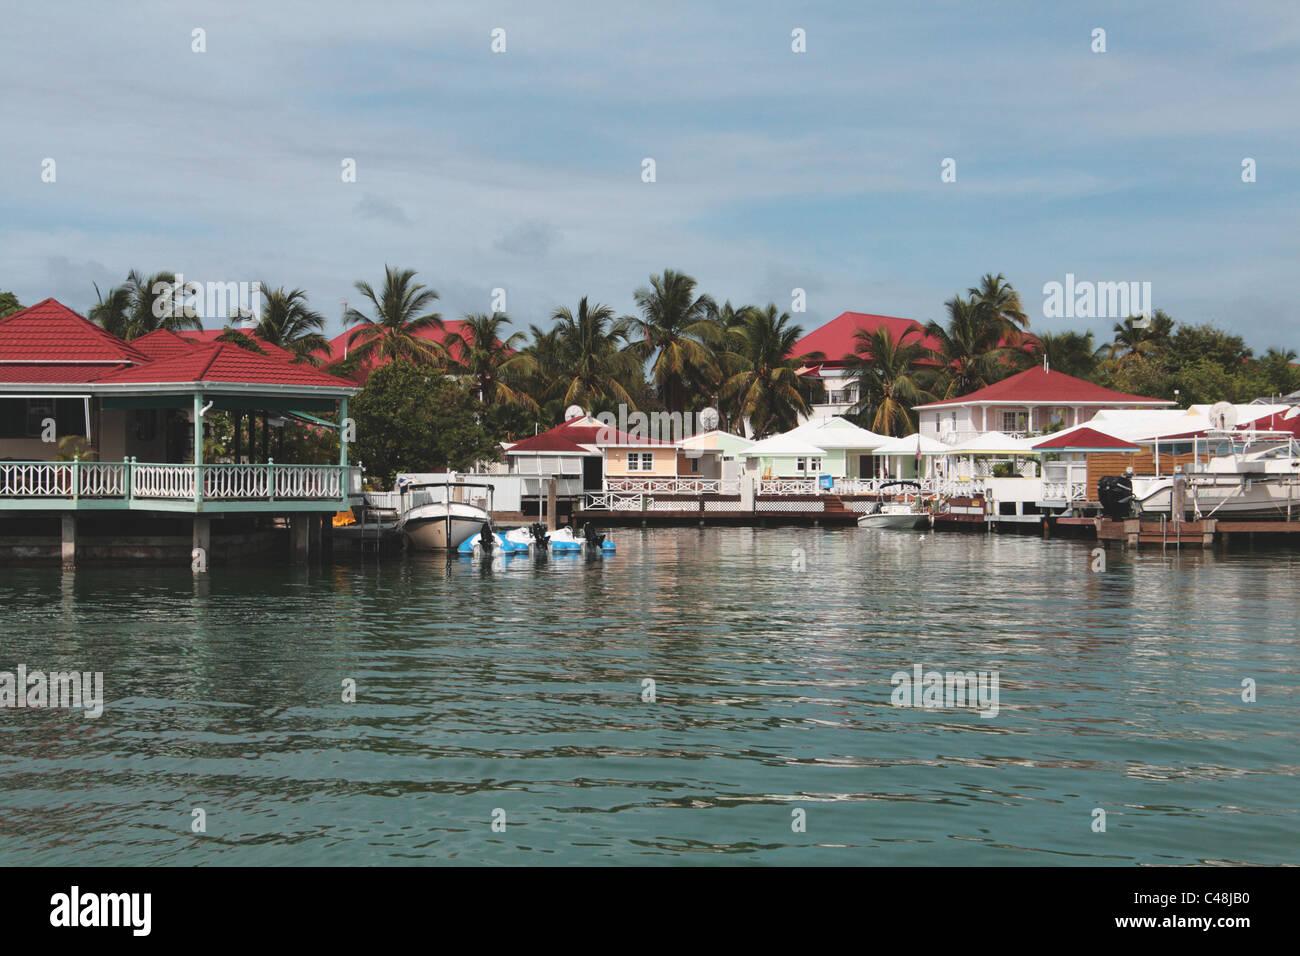 Barche e lato acqua appartments, jolly bay, Antigua, west indies Immagini Stock